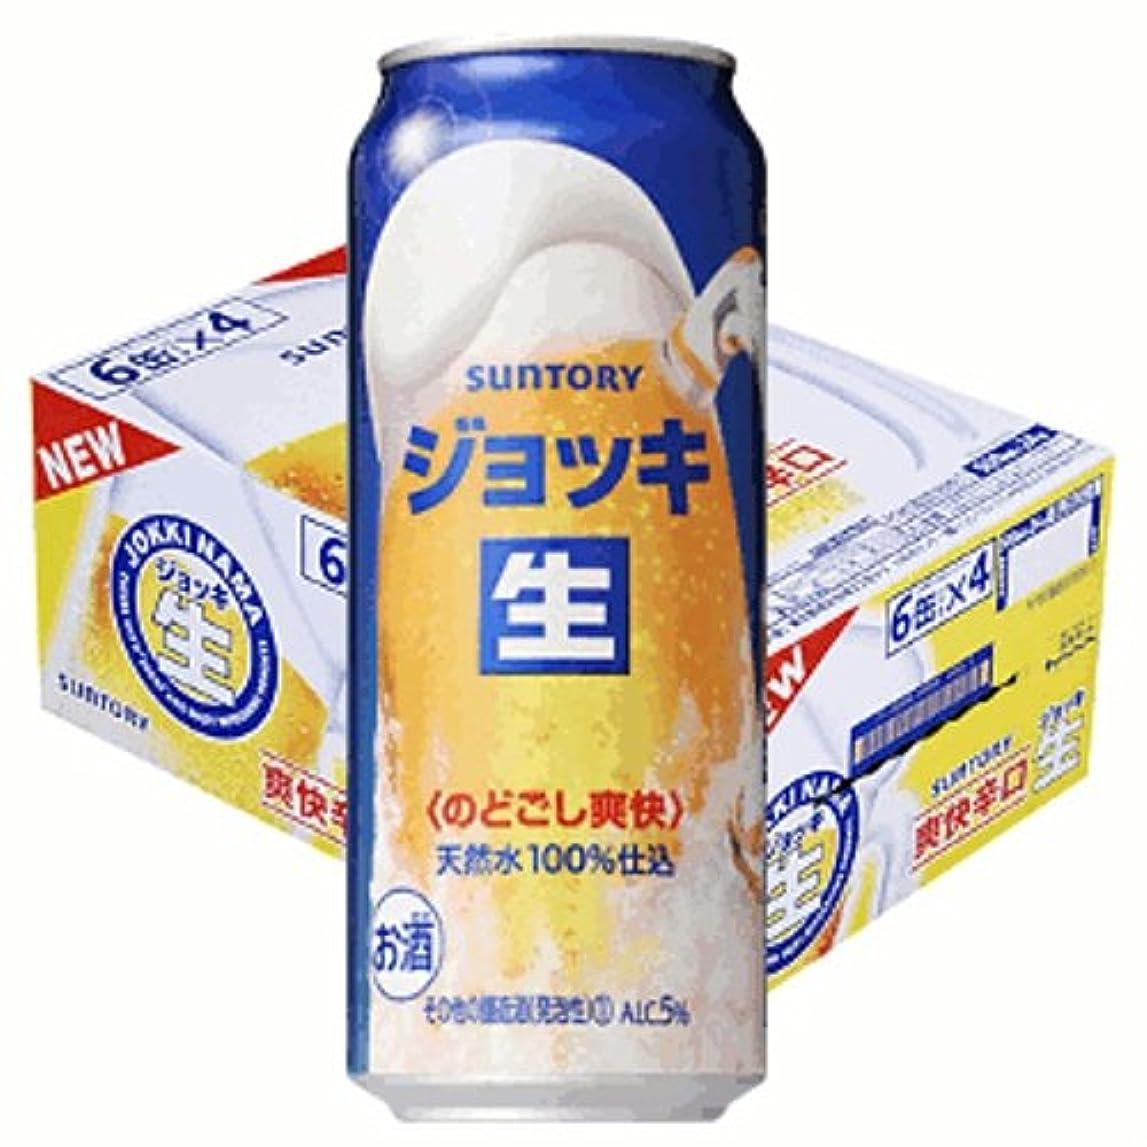 吐き出すカポック姿勢サントリー ジョッキ生 500ml缶1ケース(24本入)